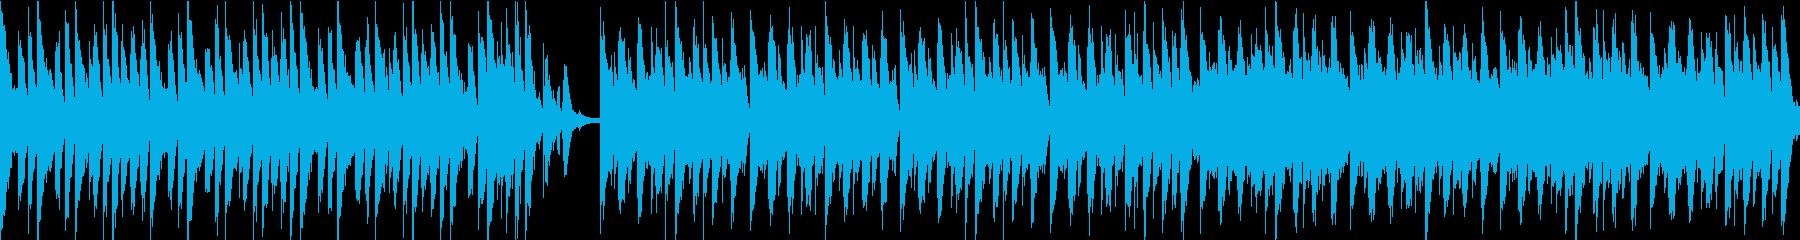 コミカルオーケストラ/ループ仕様の再生済みの波形